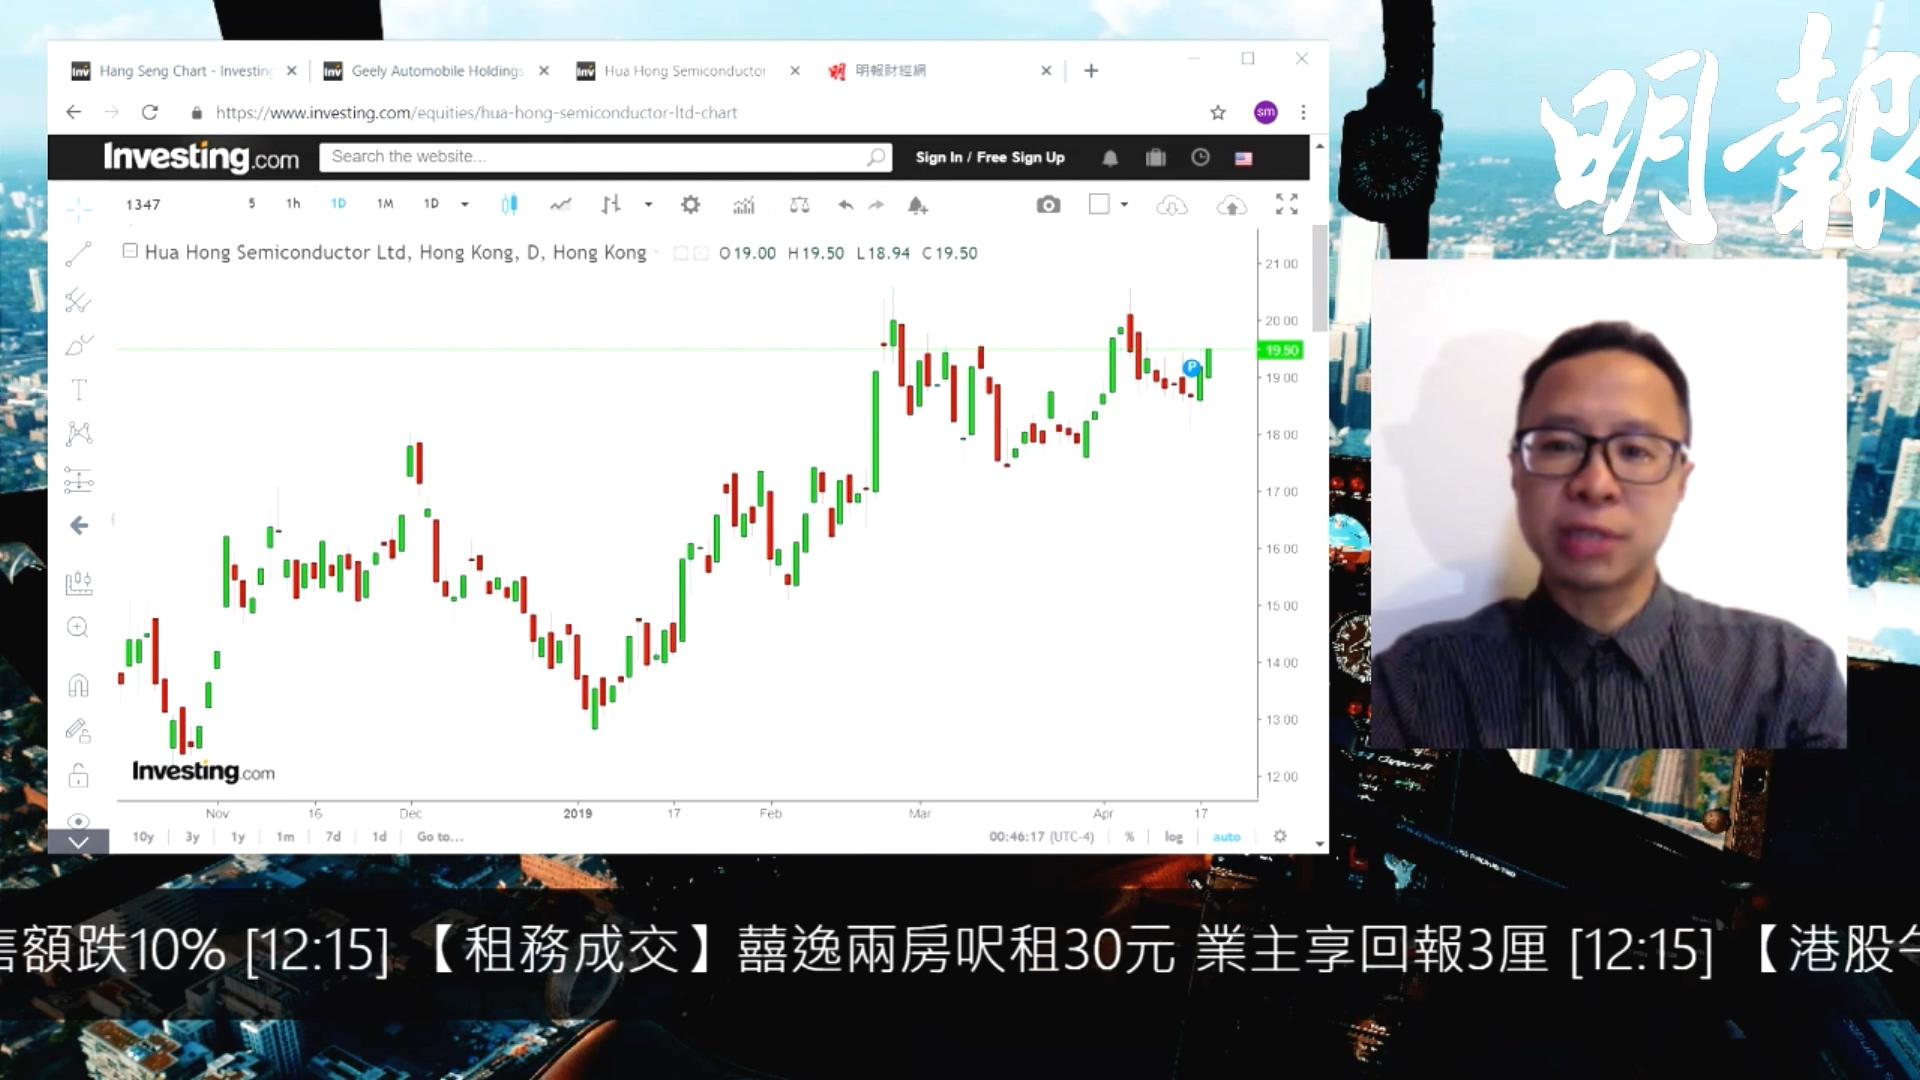 【有片:選股王】市場需求改善利好次季營運 華虹半導體追落後